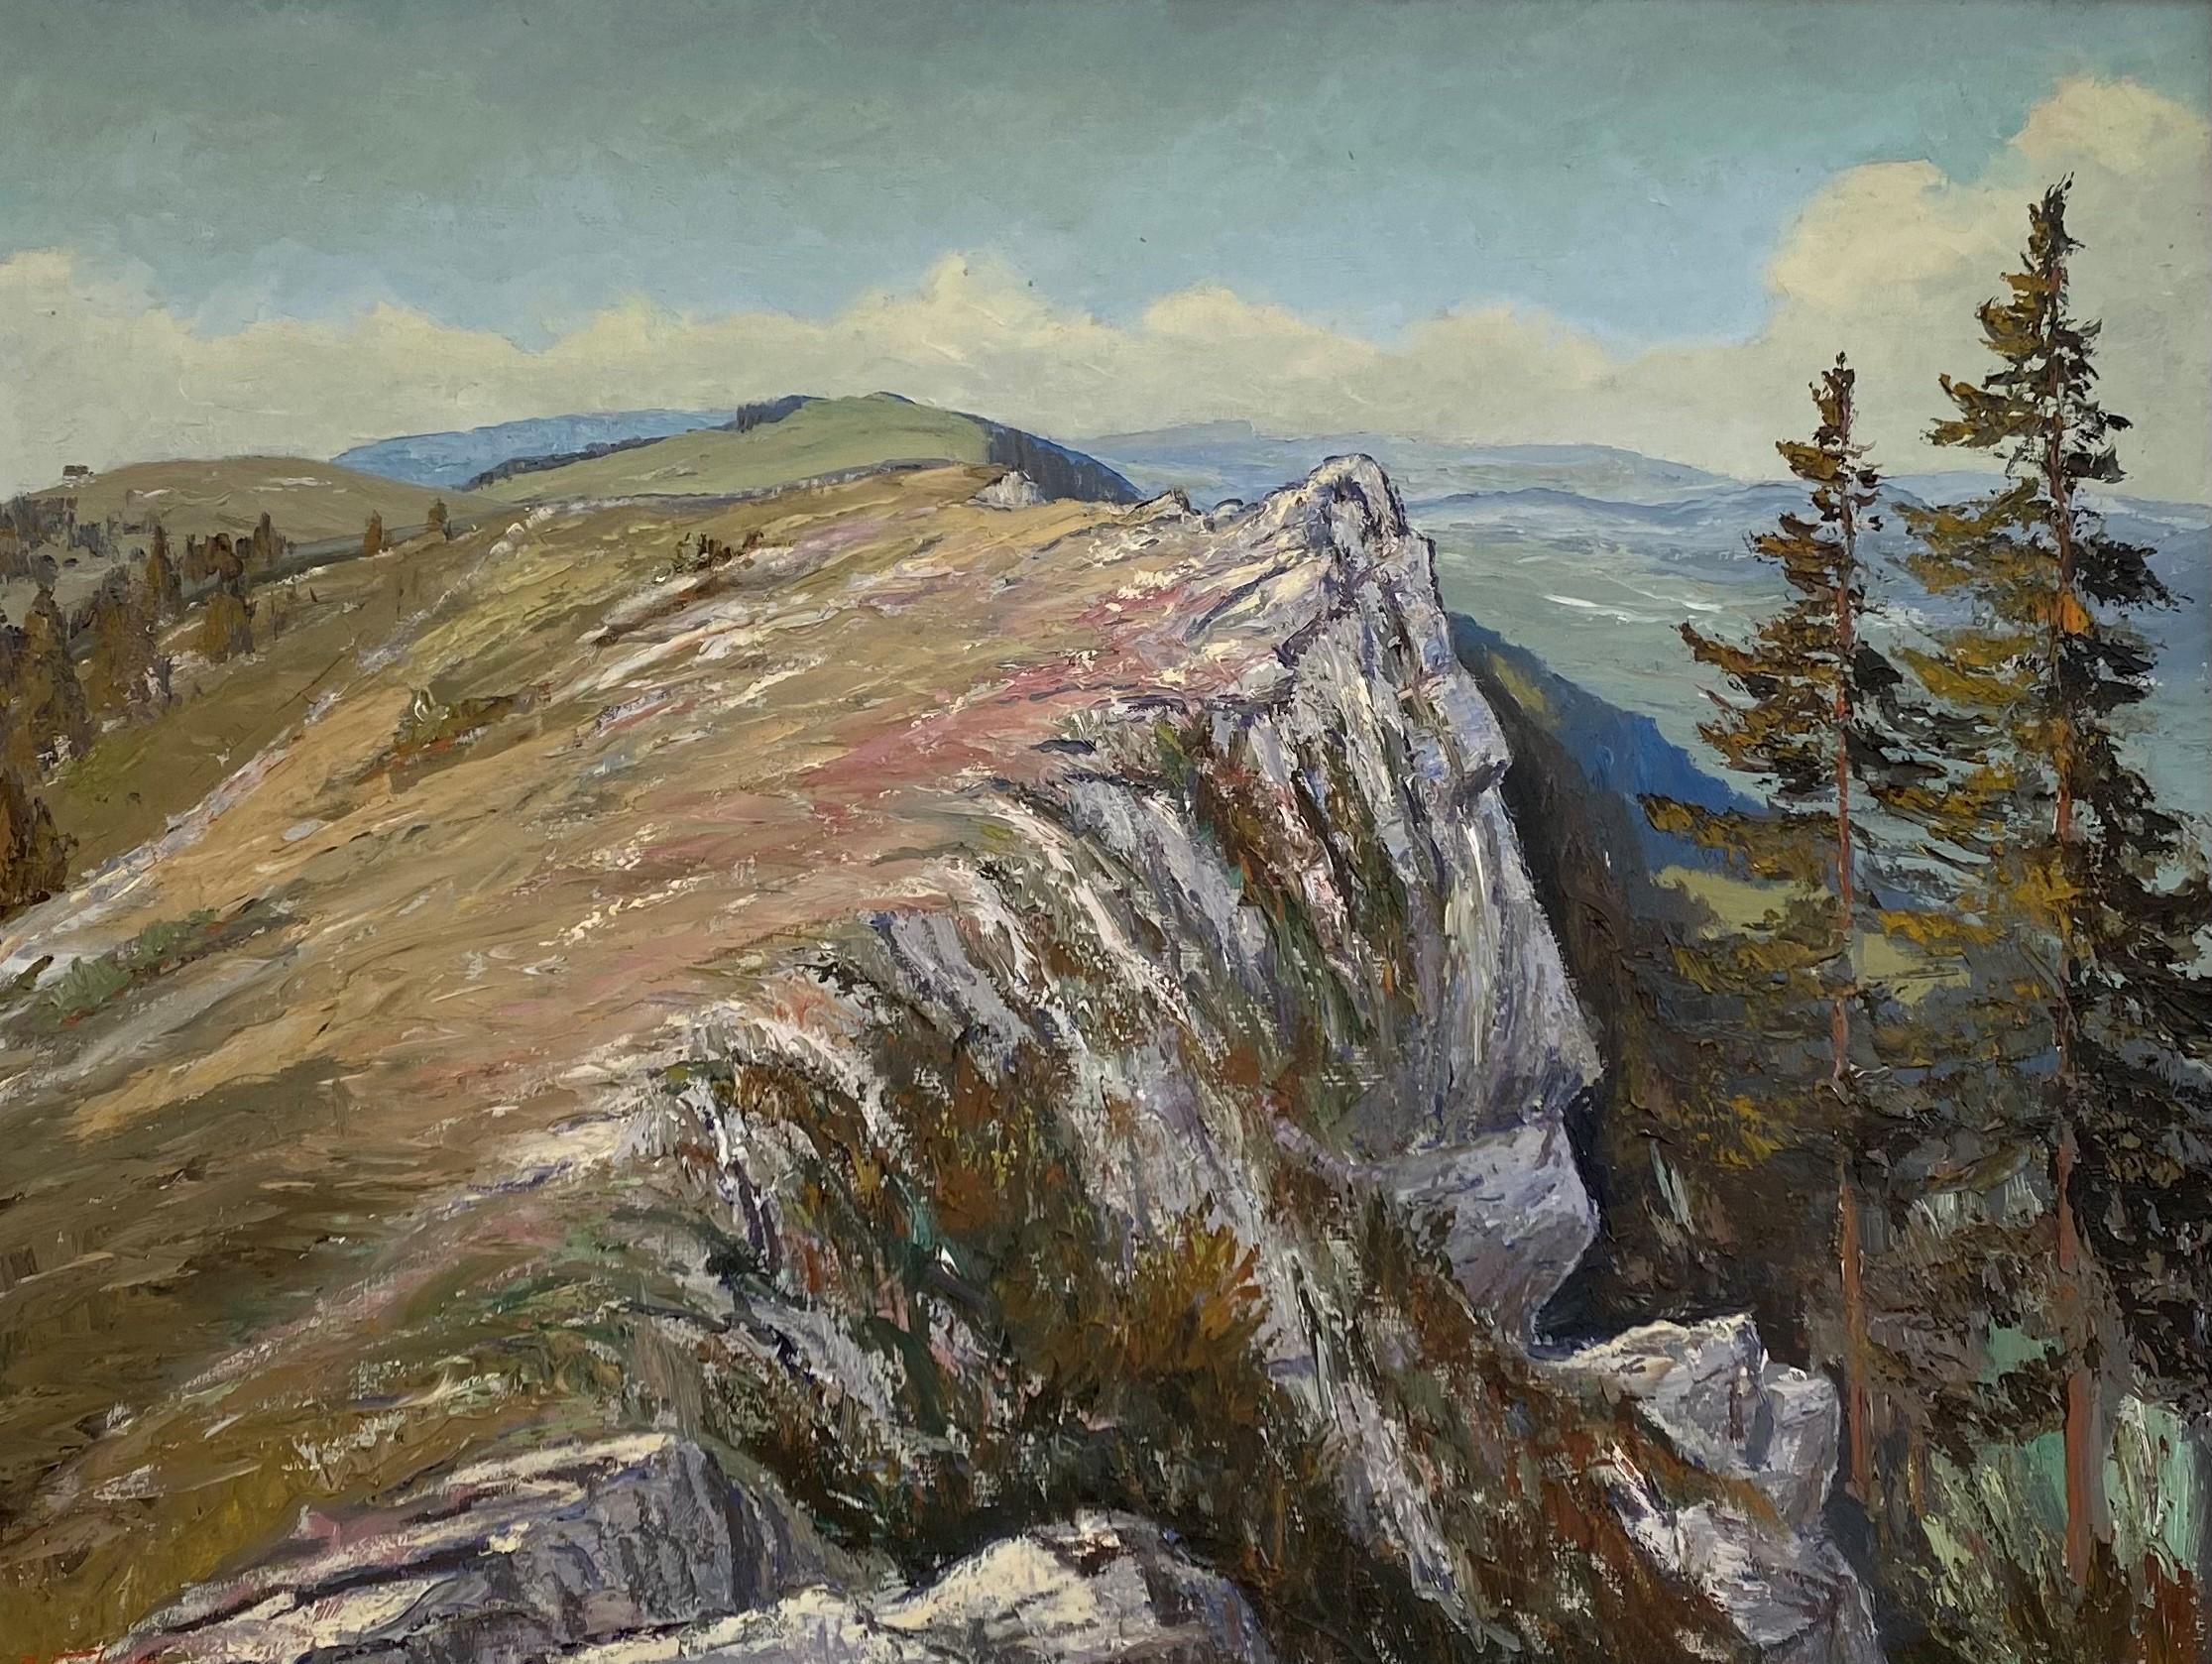 Albert Fahrny, Crête du Mont-Racine, 1953, huile sur toile. © Musée des beaux-arts, Le Locle